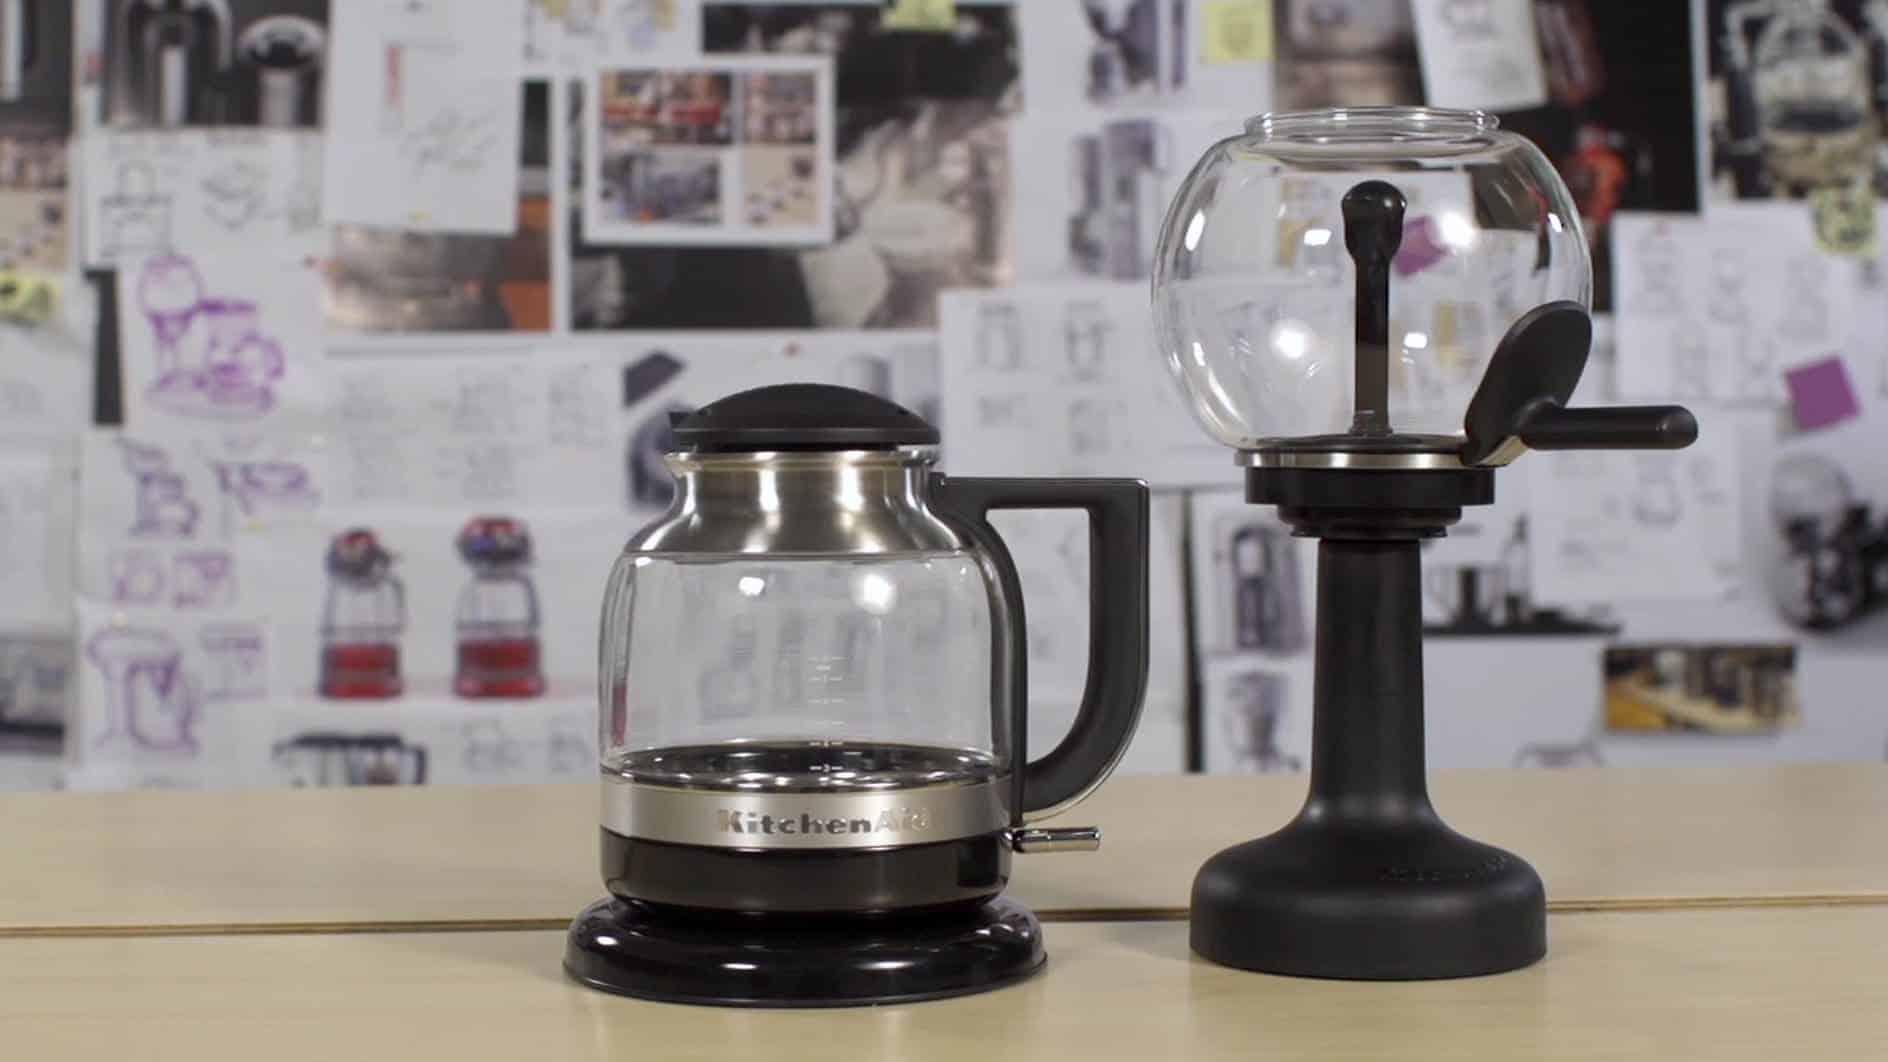 KitchenAid Siphon Brewer drip coffeemaker